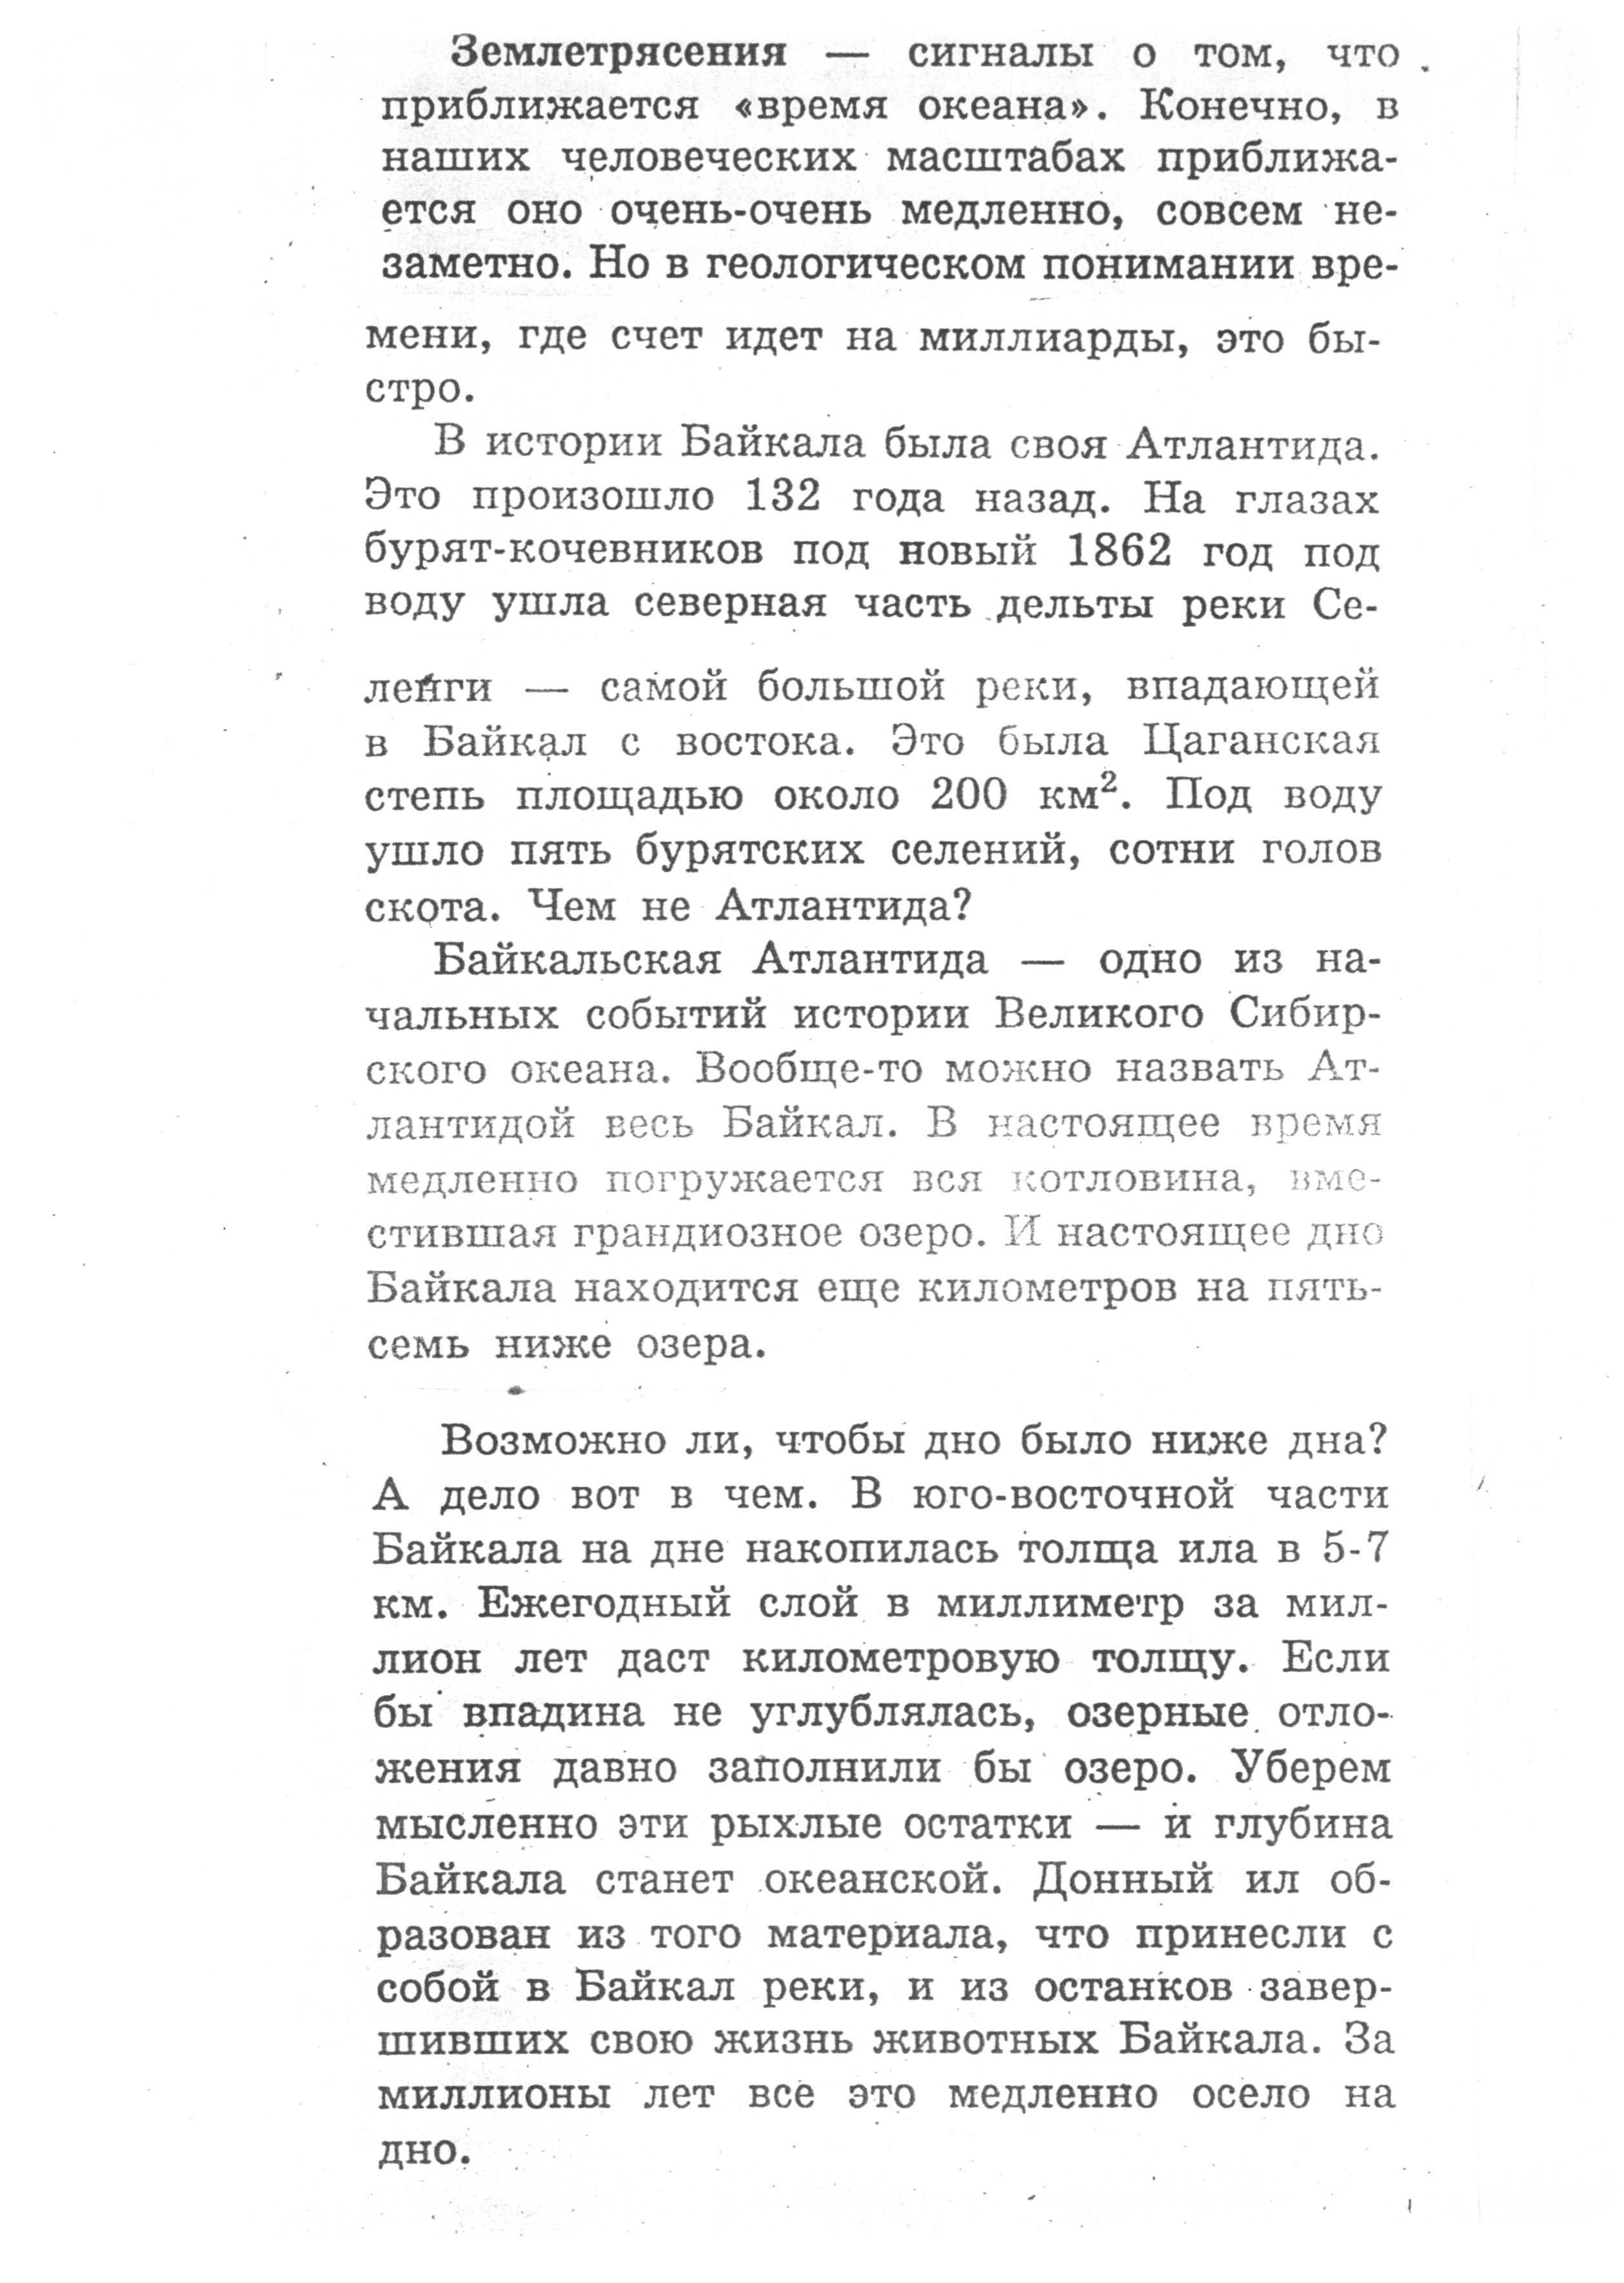 C:\Users\Галина\Documents\Отсканировано 01.03.2010 0-21_000.jpg